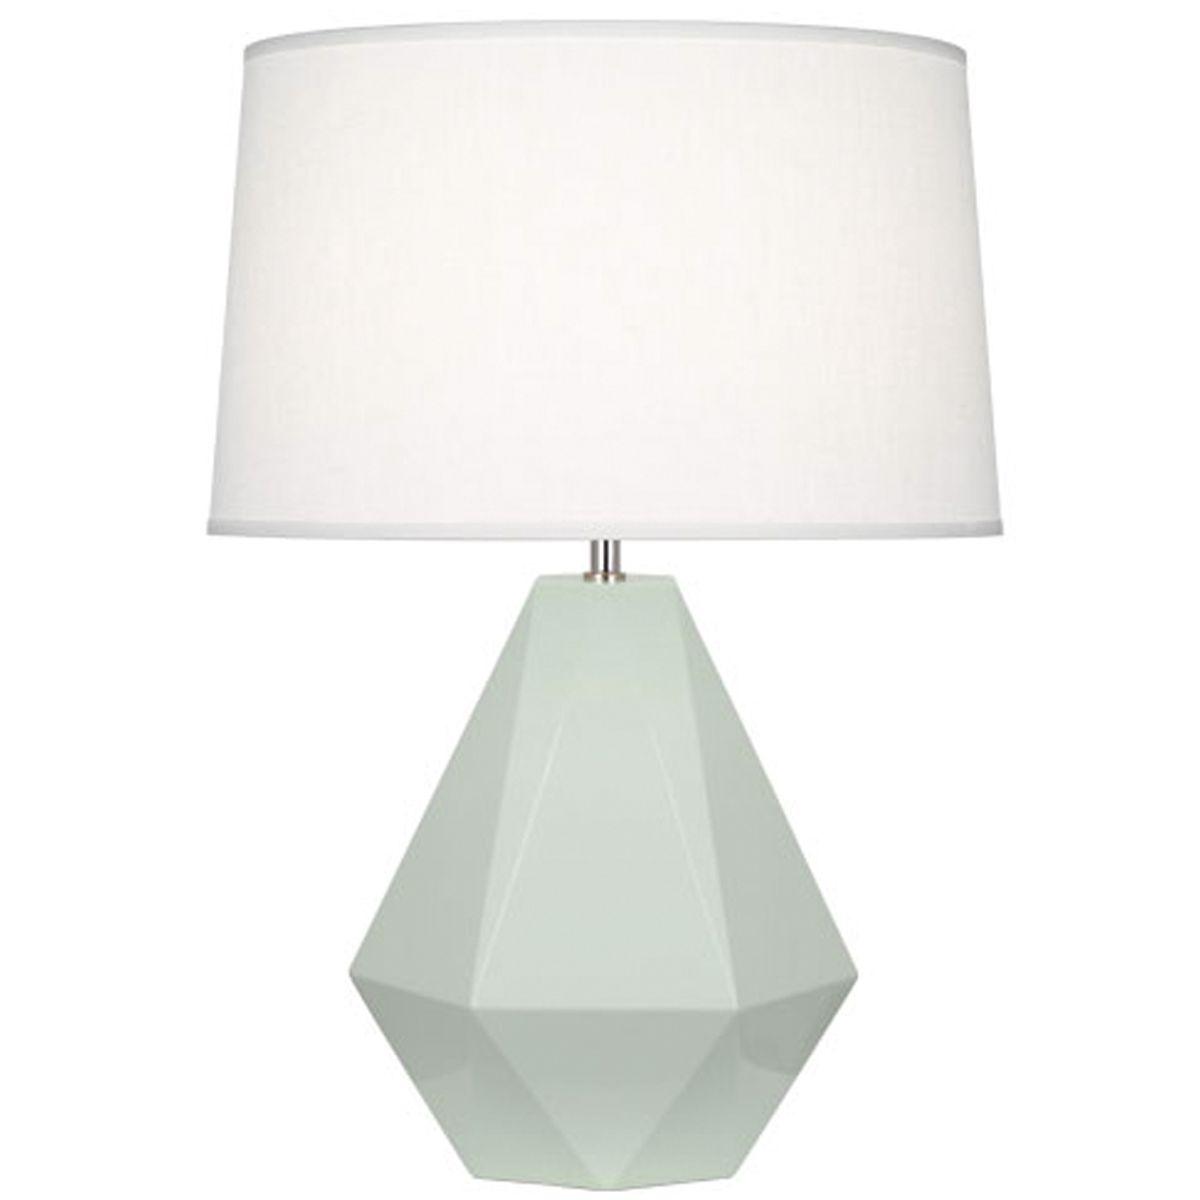 Celadon Lamp Geometric Lamp Seafoam Lamp Lighting